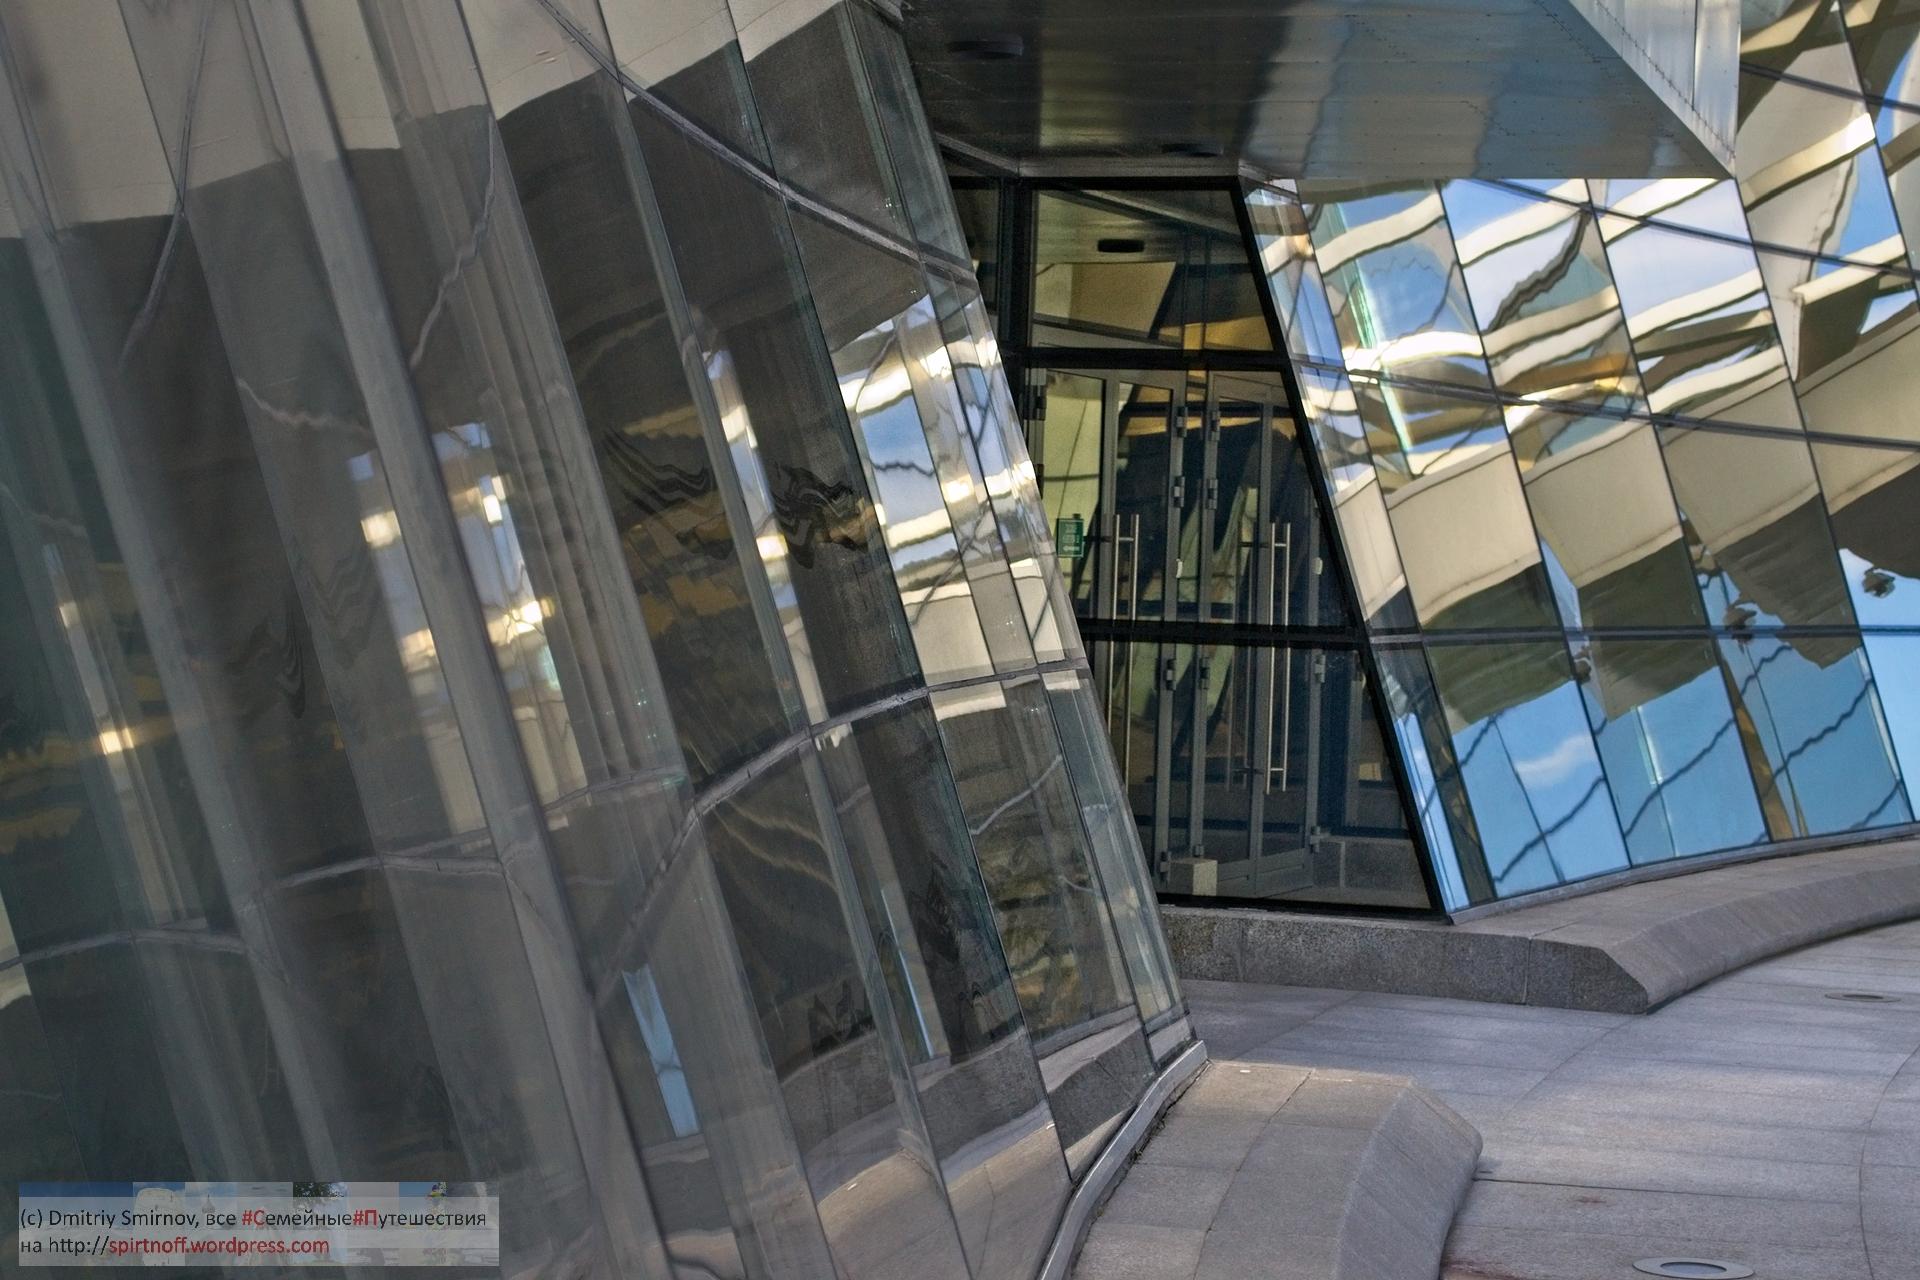 DSC_7065-12-Blog-40 Путешествия  Минск. Музей Великой Отечественной Войны и Парк Победы